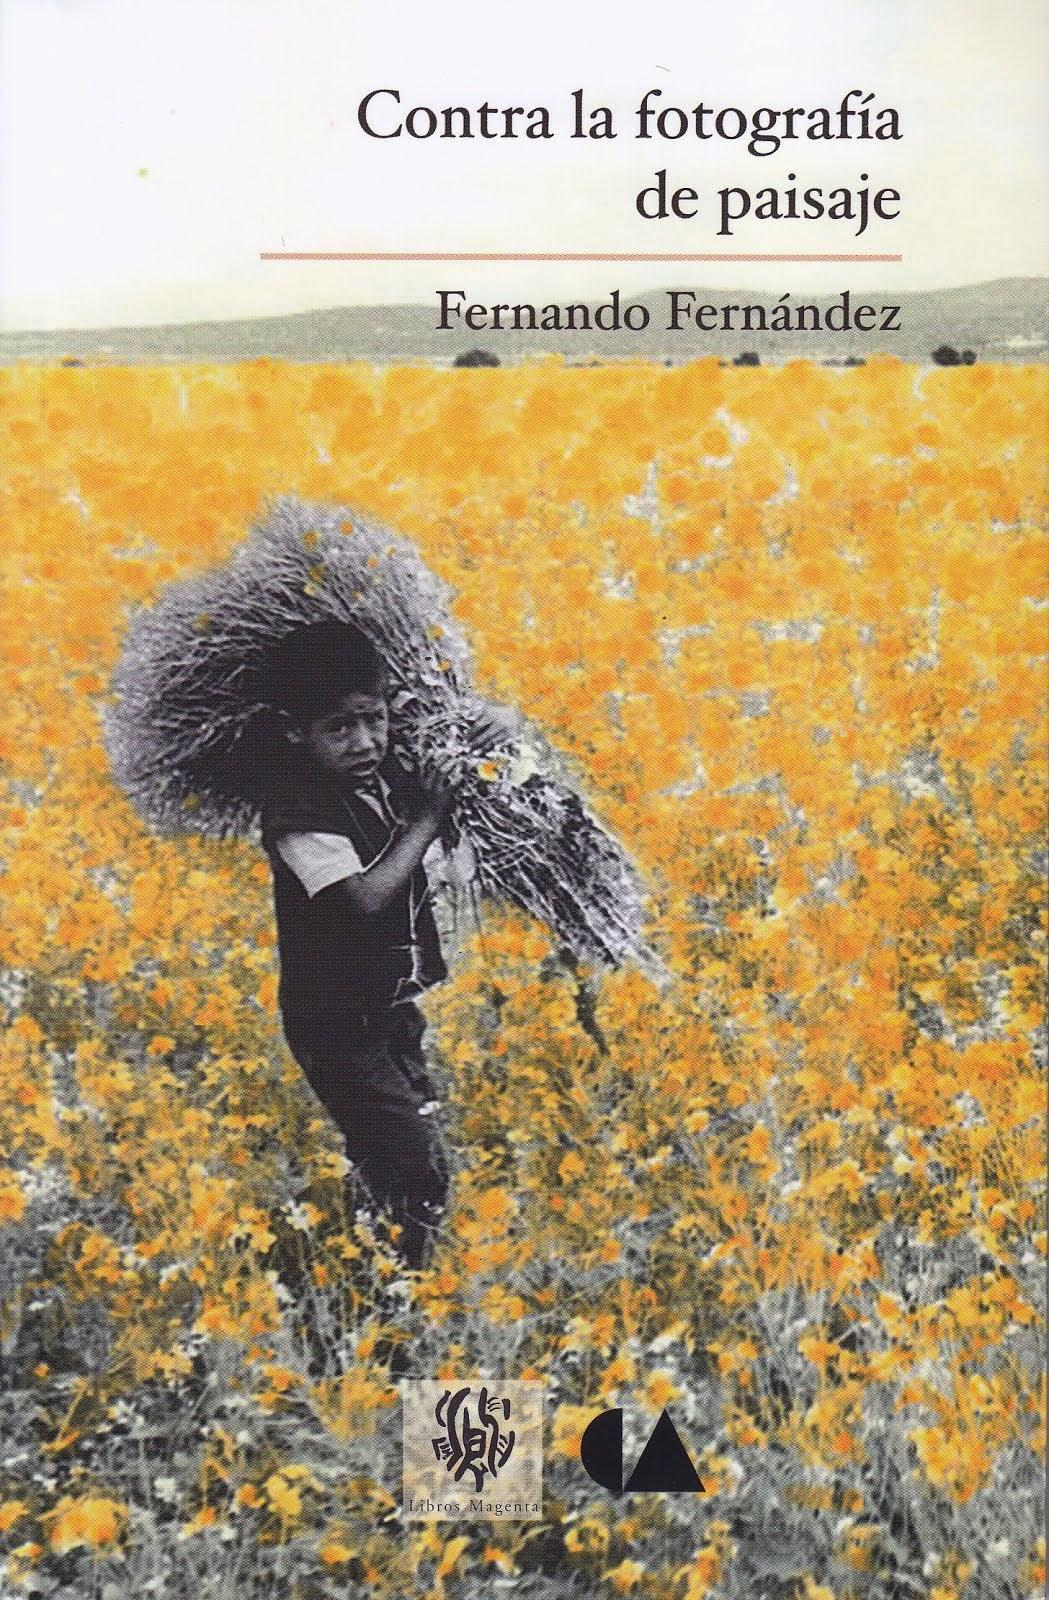 Contra la fotografía de paisaje